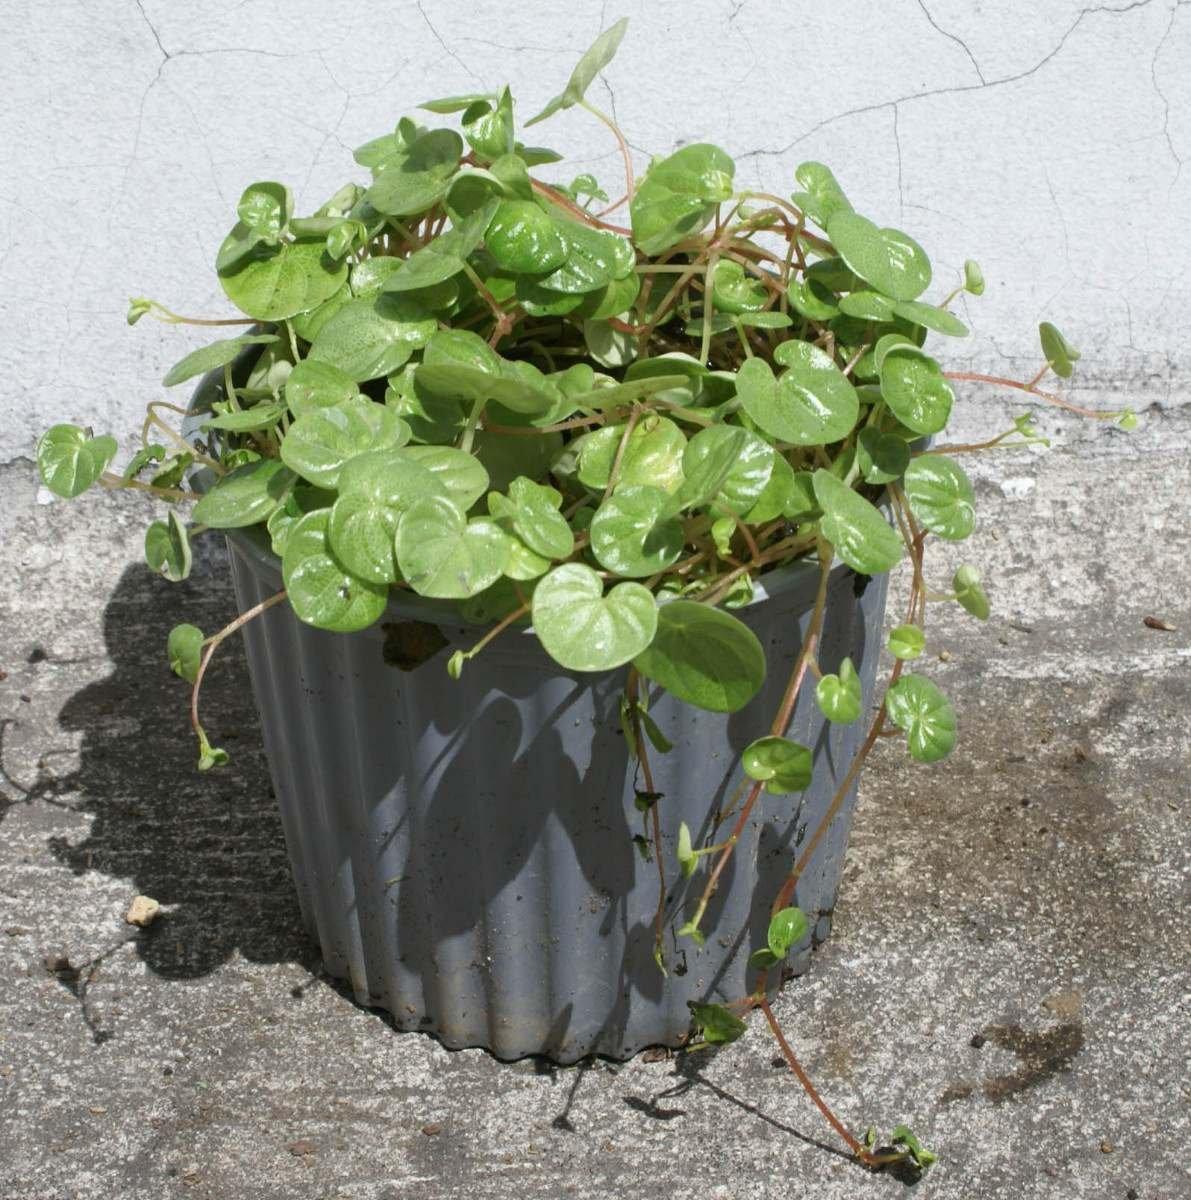 Lote 4 plantas dolares viveros de plantas ornamentales for 4 plantas ornamentales